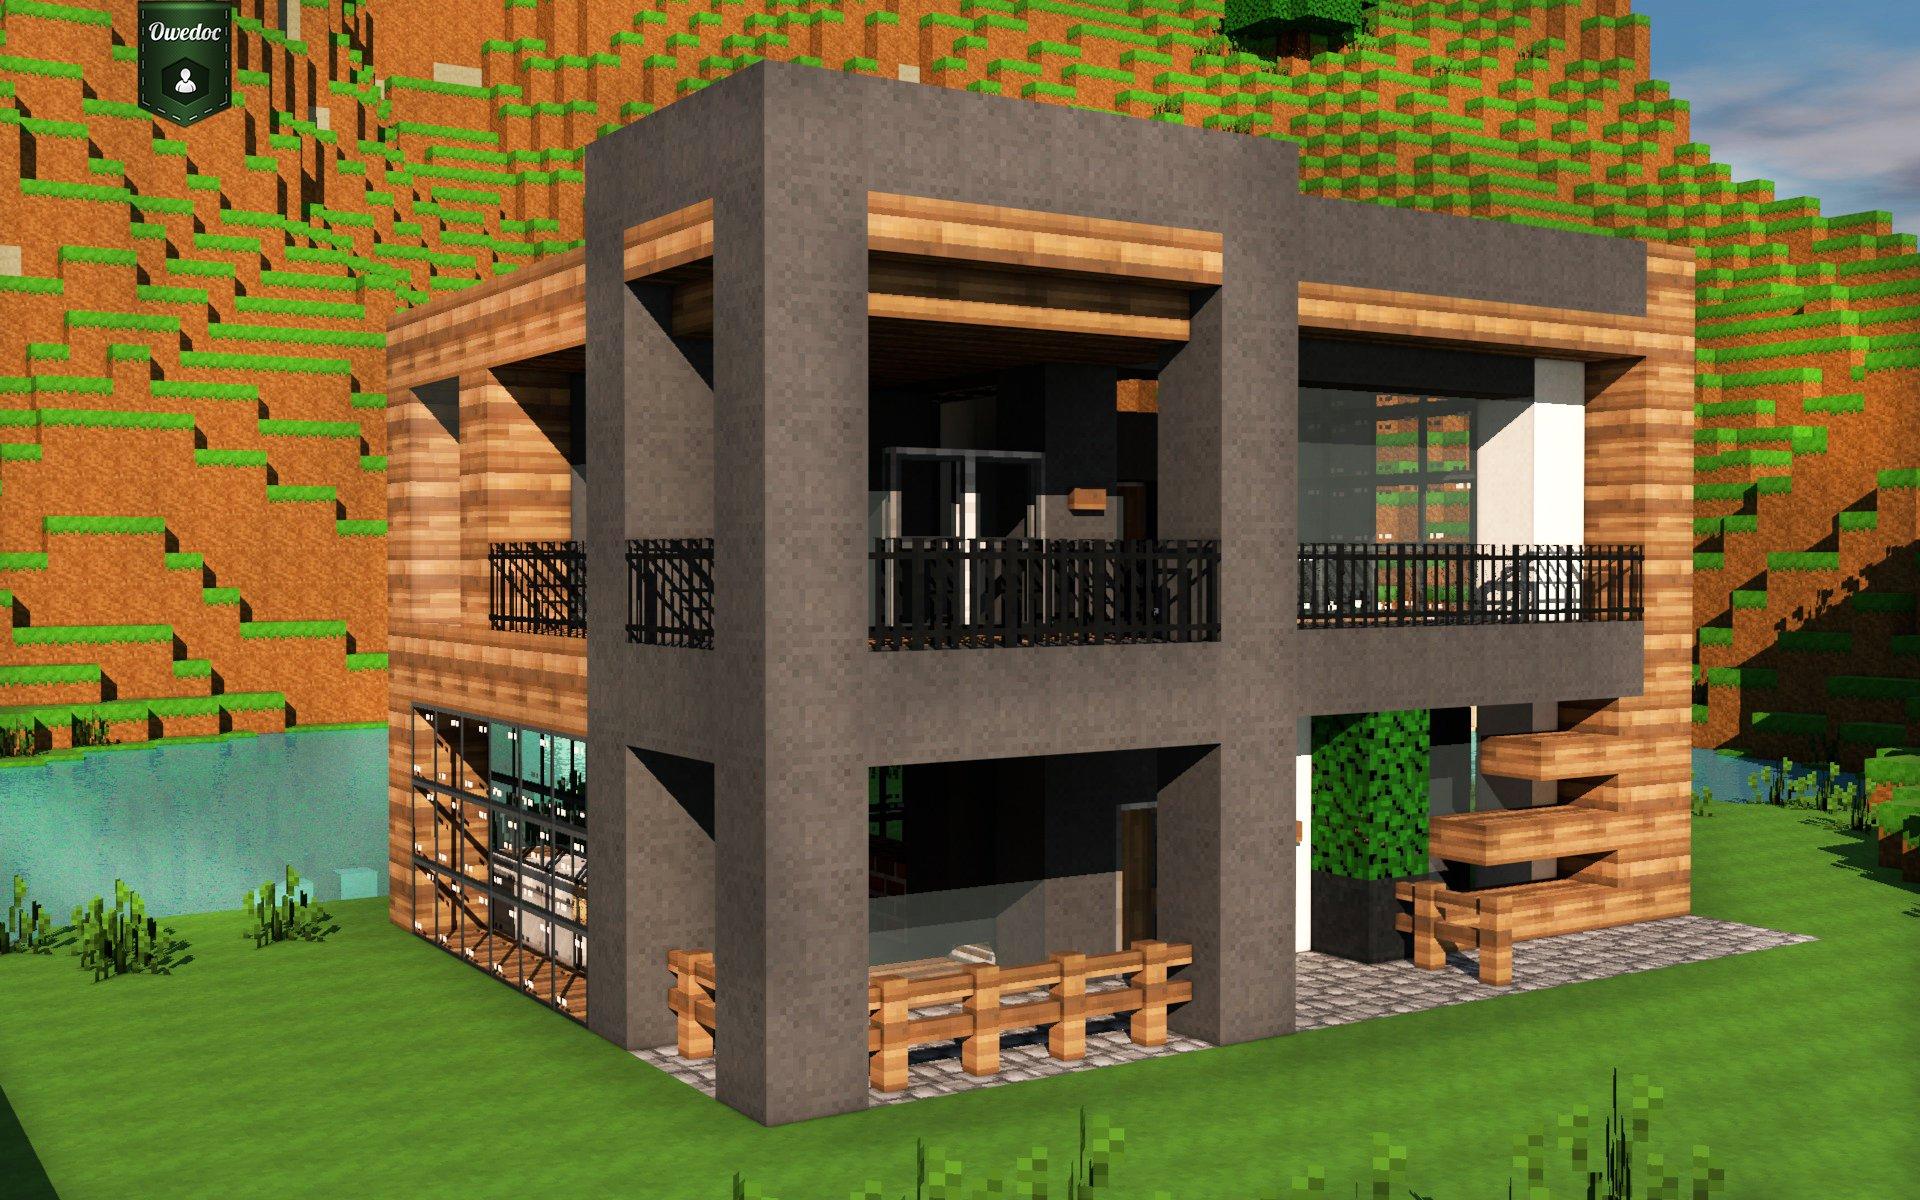 Maison moderne sur minecraft maison fran ois fabie for Minecraft maison moderne xroach